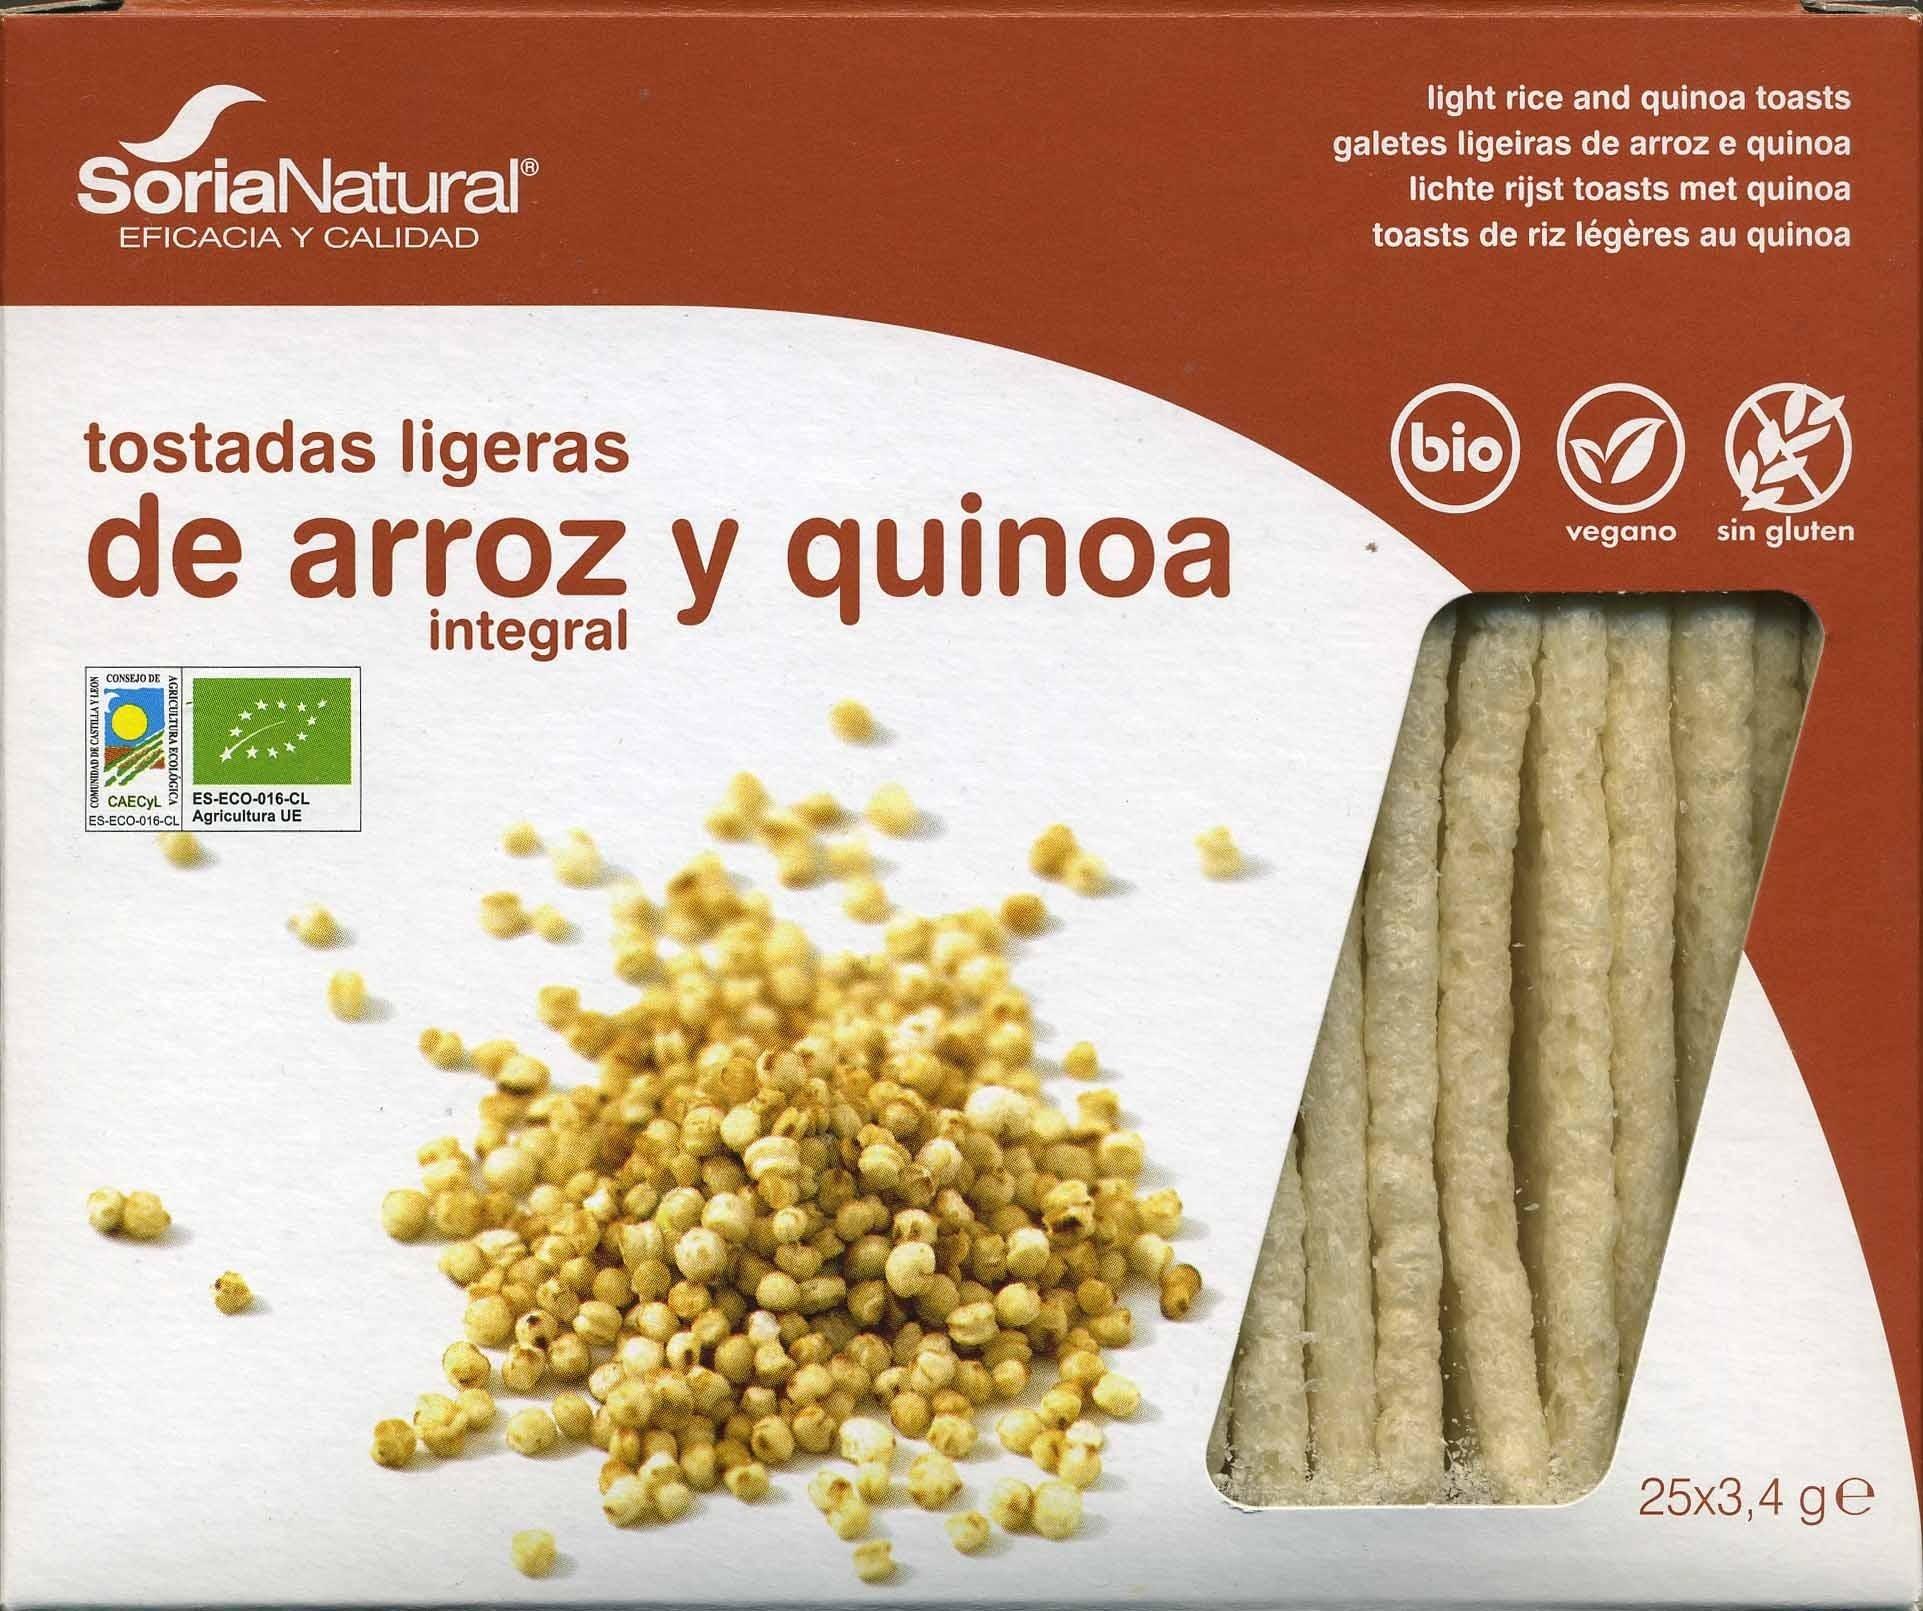 Tostadas ligeras de arroz y quinoa - Produit - es